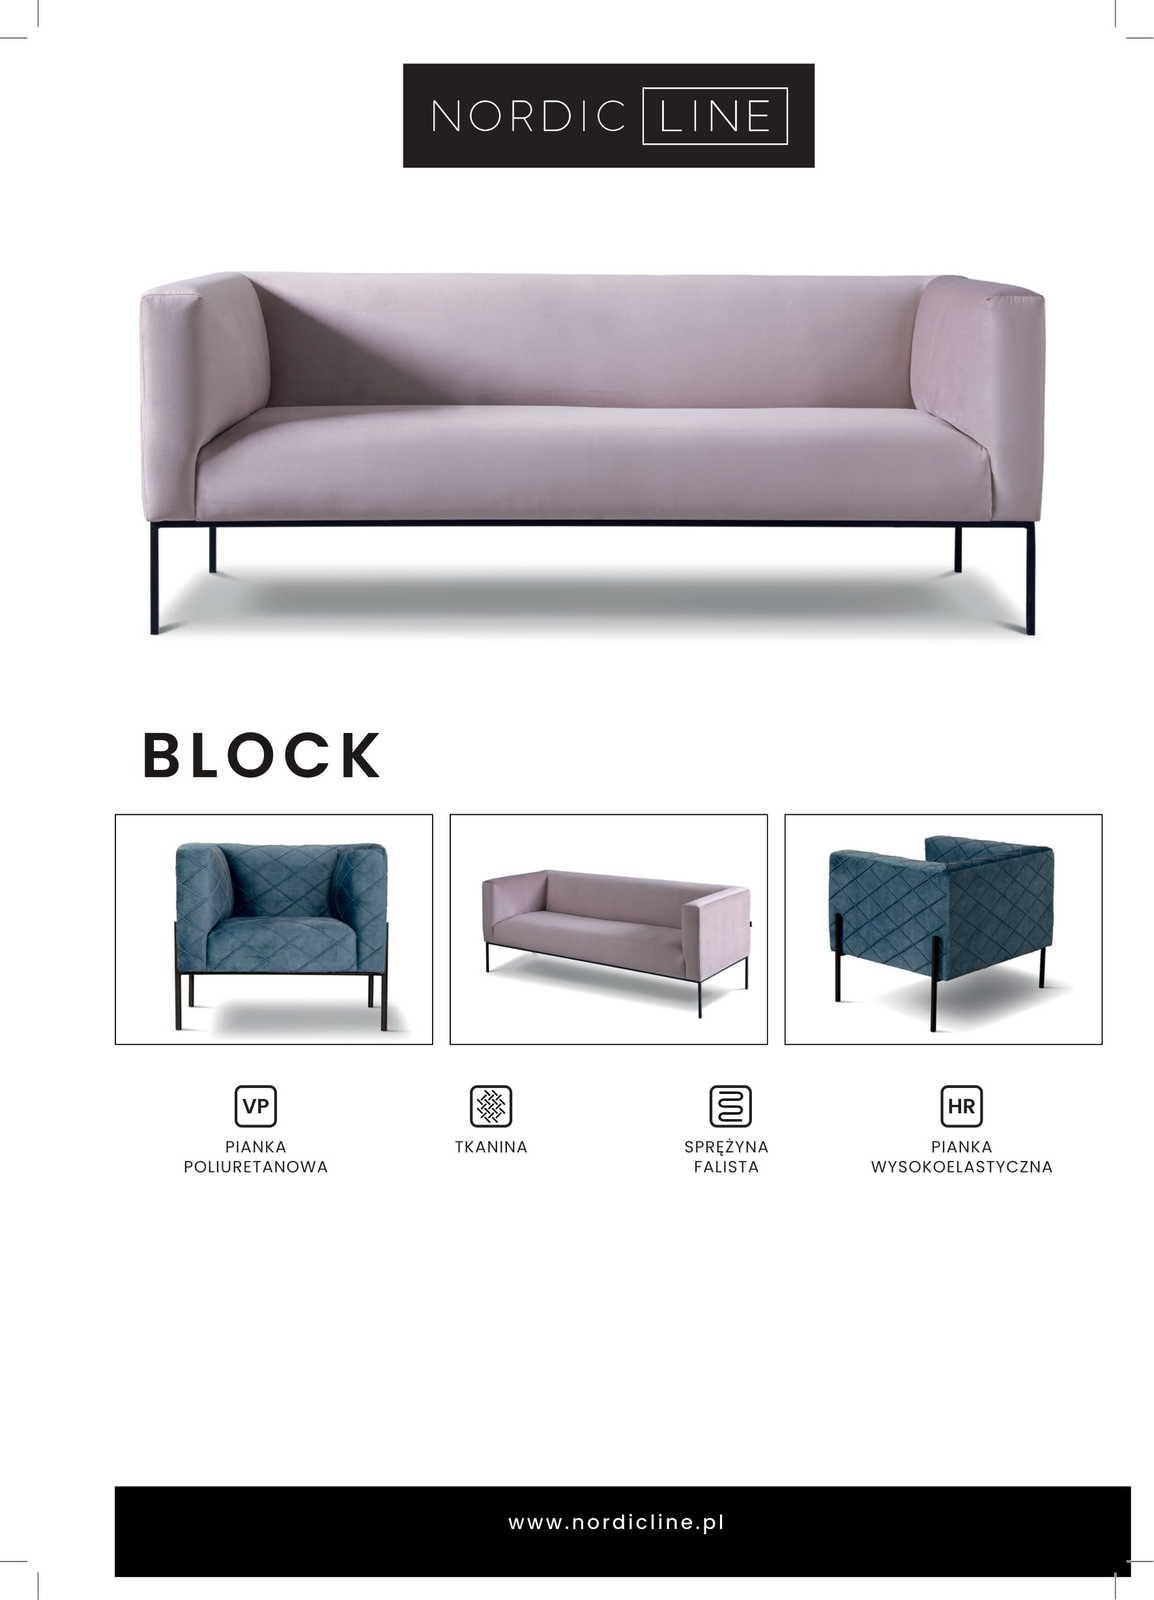 Block(krzywe) (2) 1